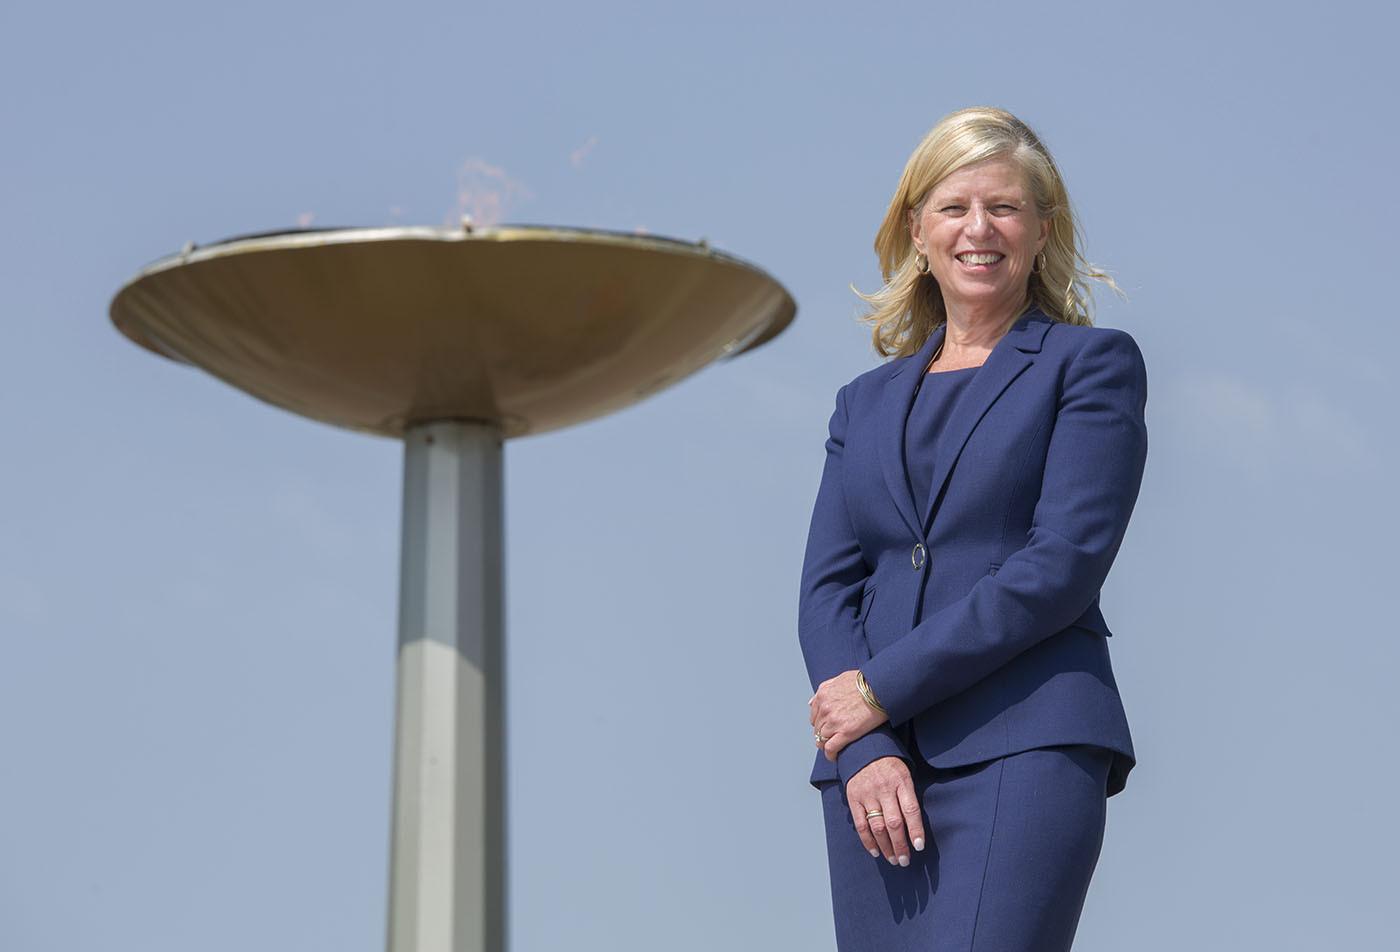 Mary Moran has been named the chief executive of the Calgary 2026 bid team ©Calgary 2026